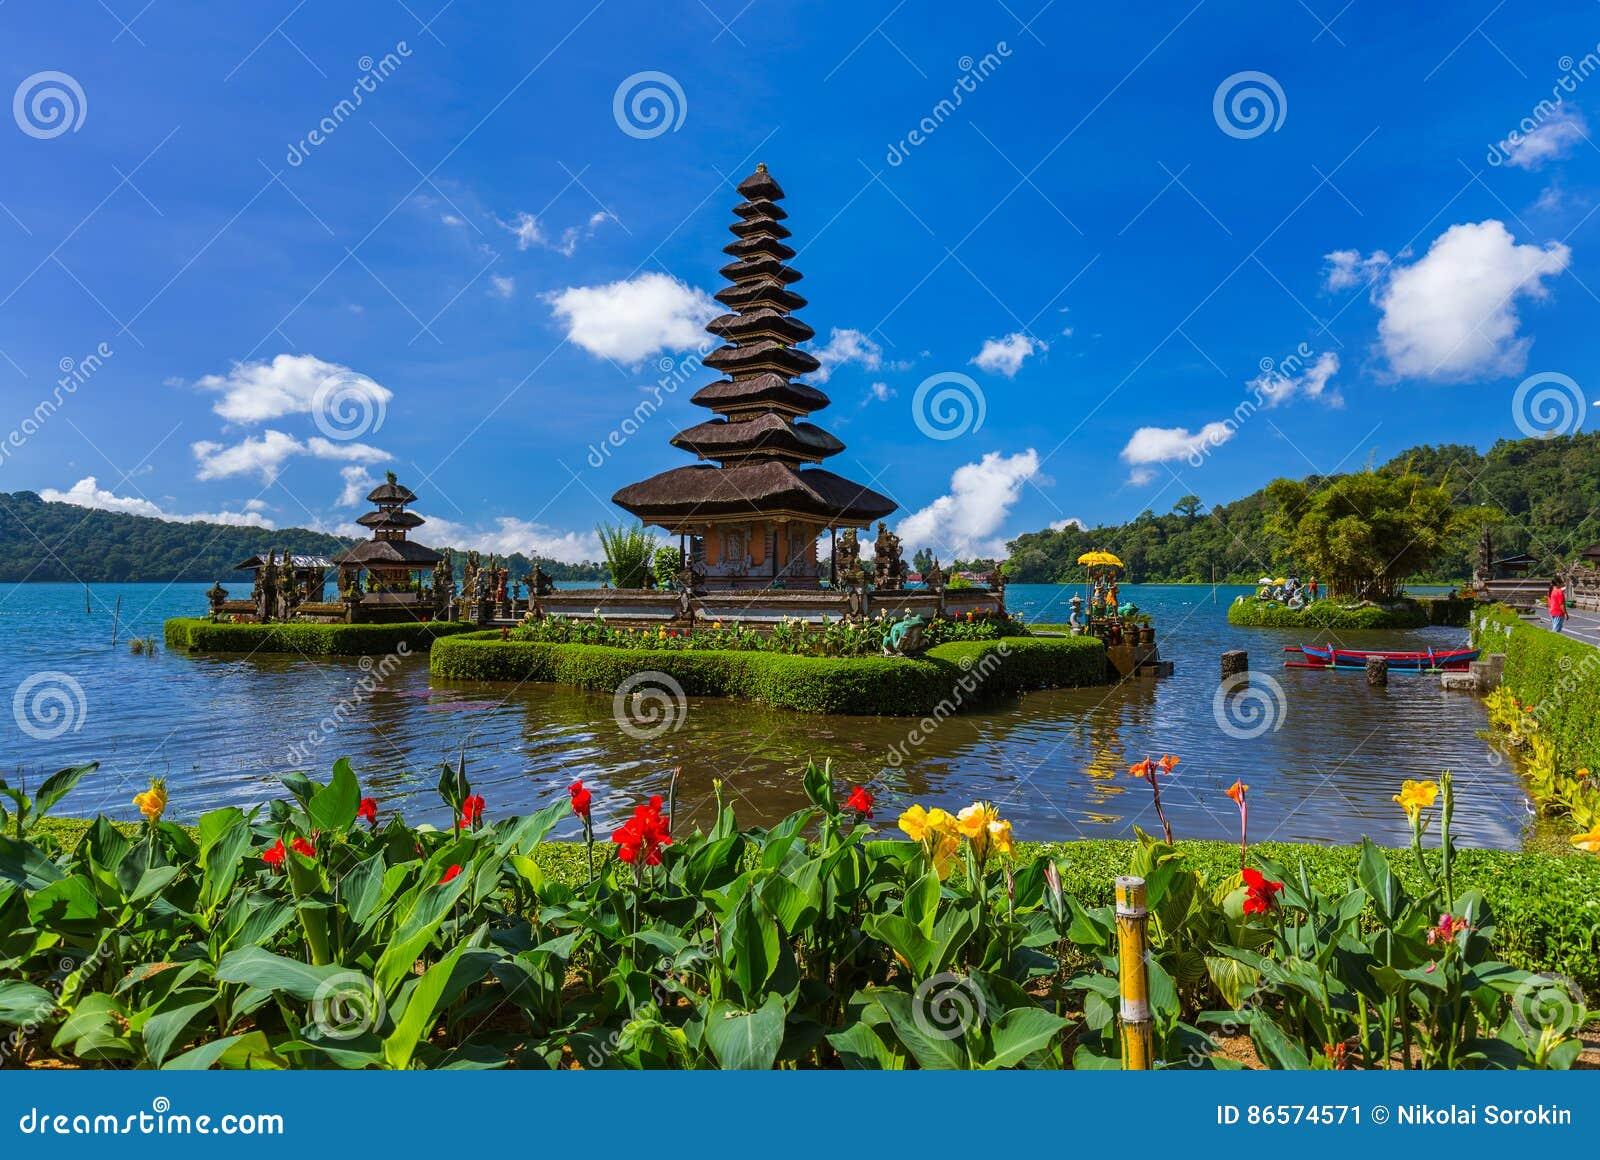 Templo de Ulun Danu - ilha Indonésia de Bali